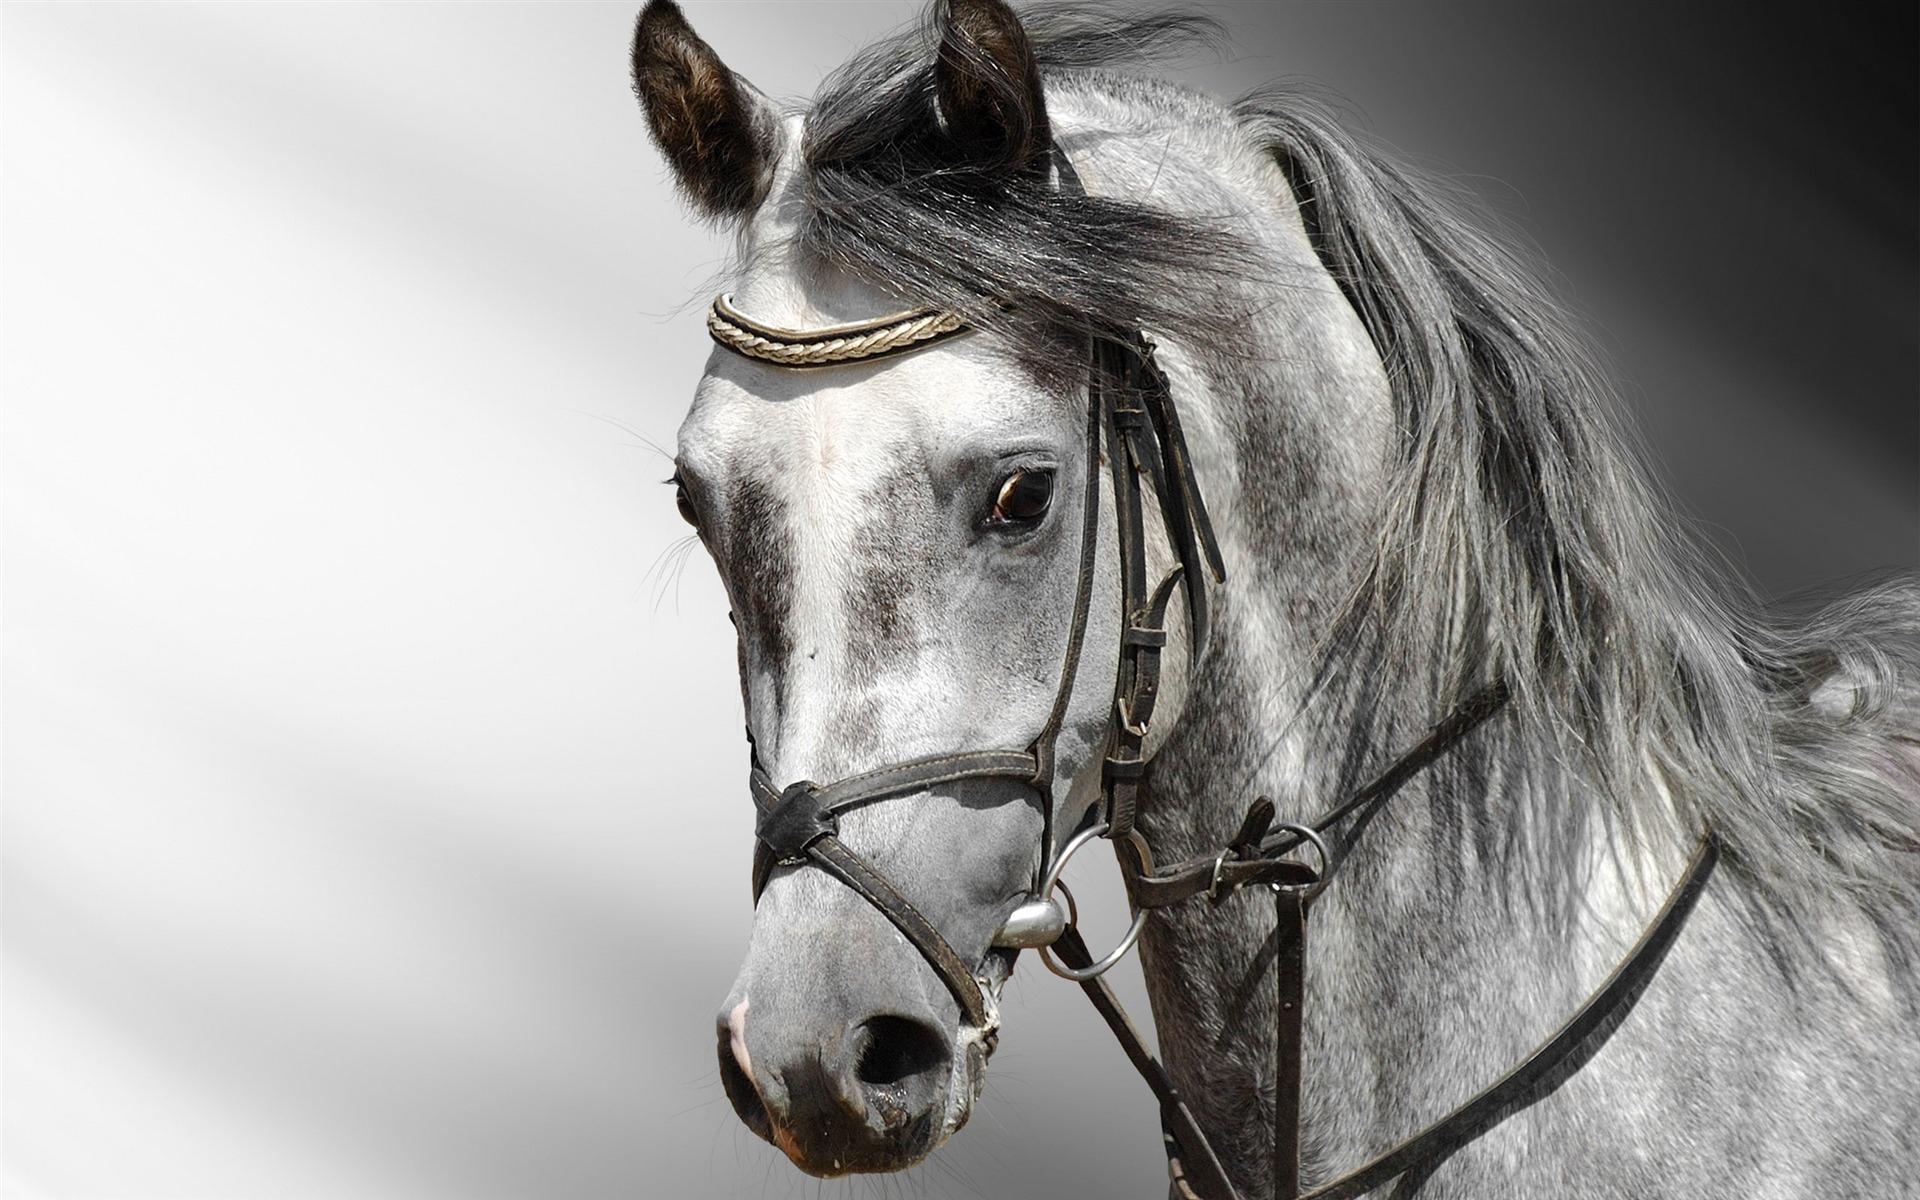 Horse herd wallpapers